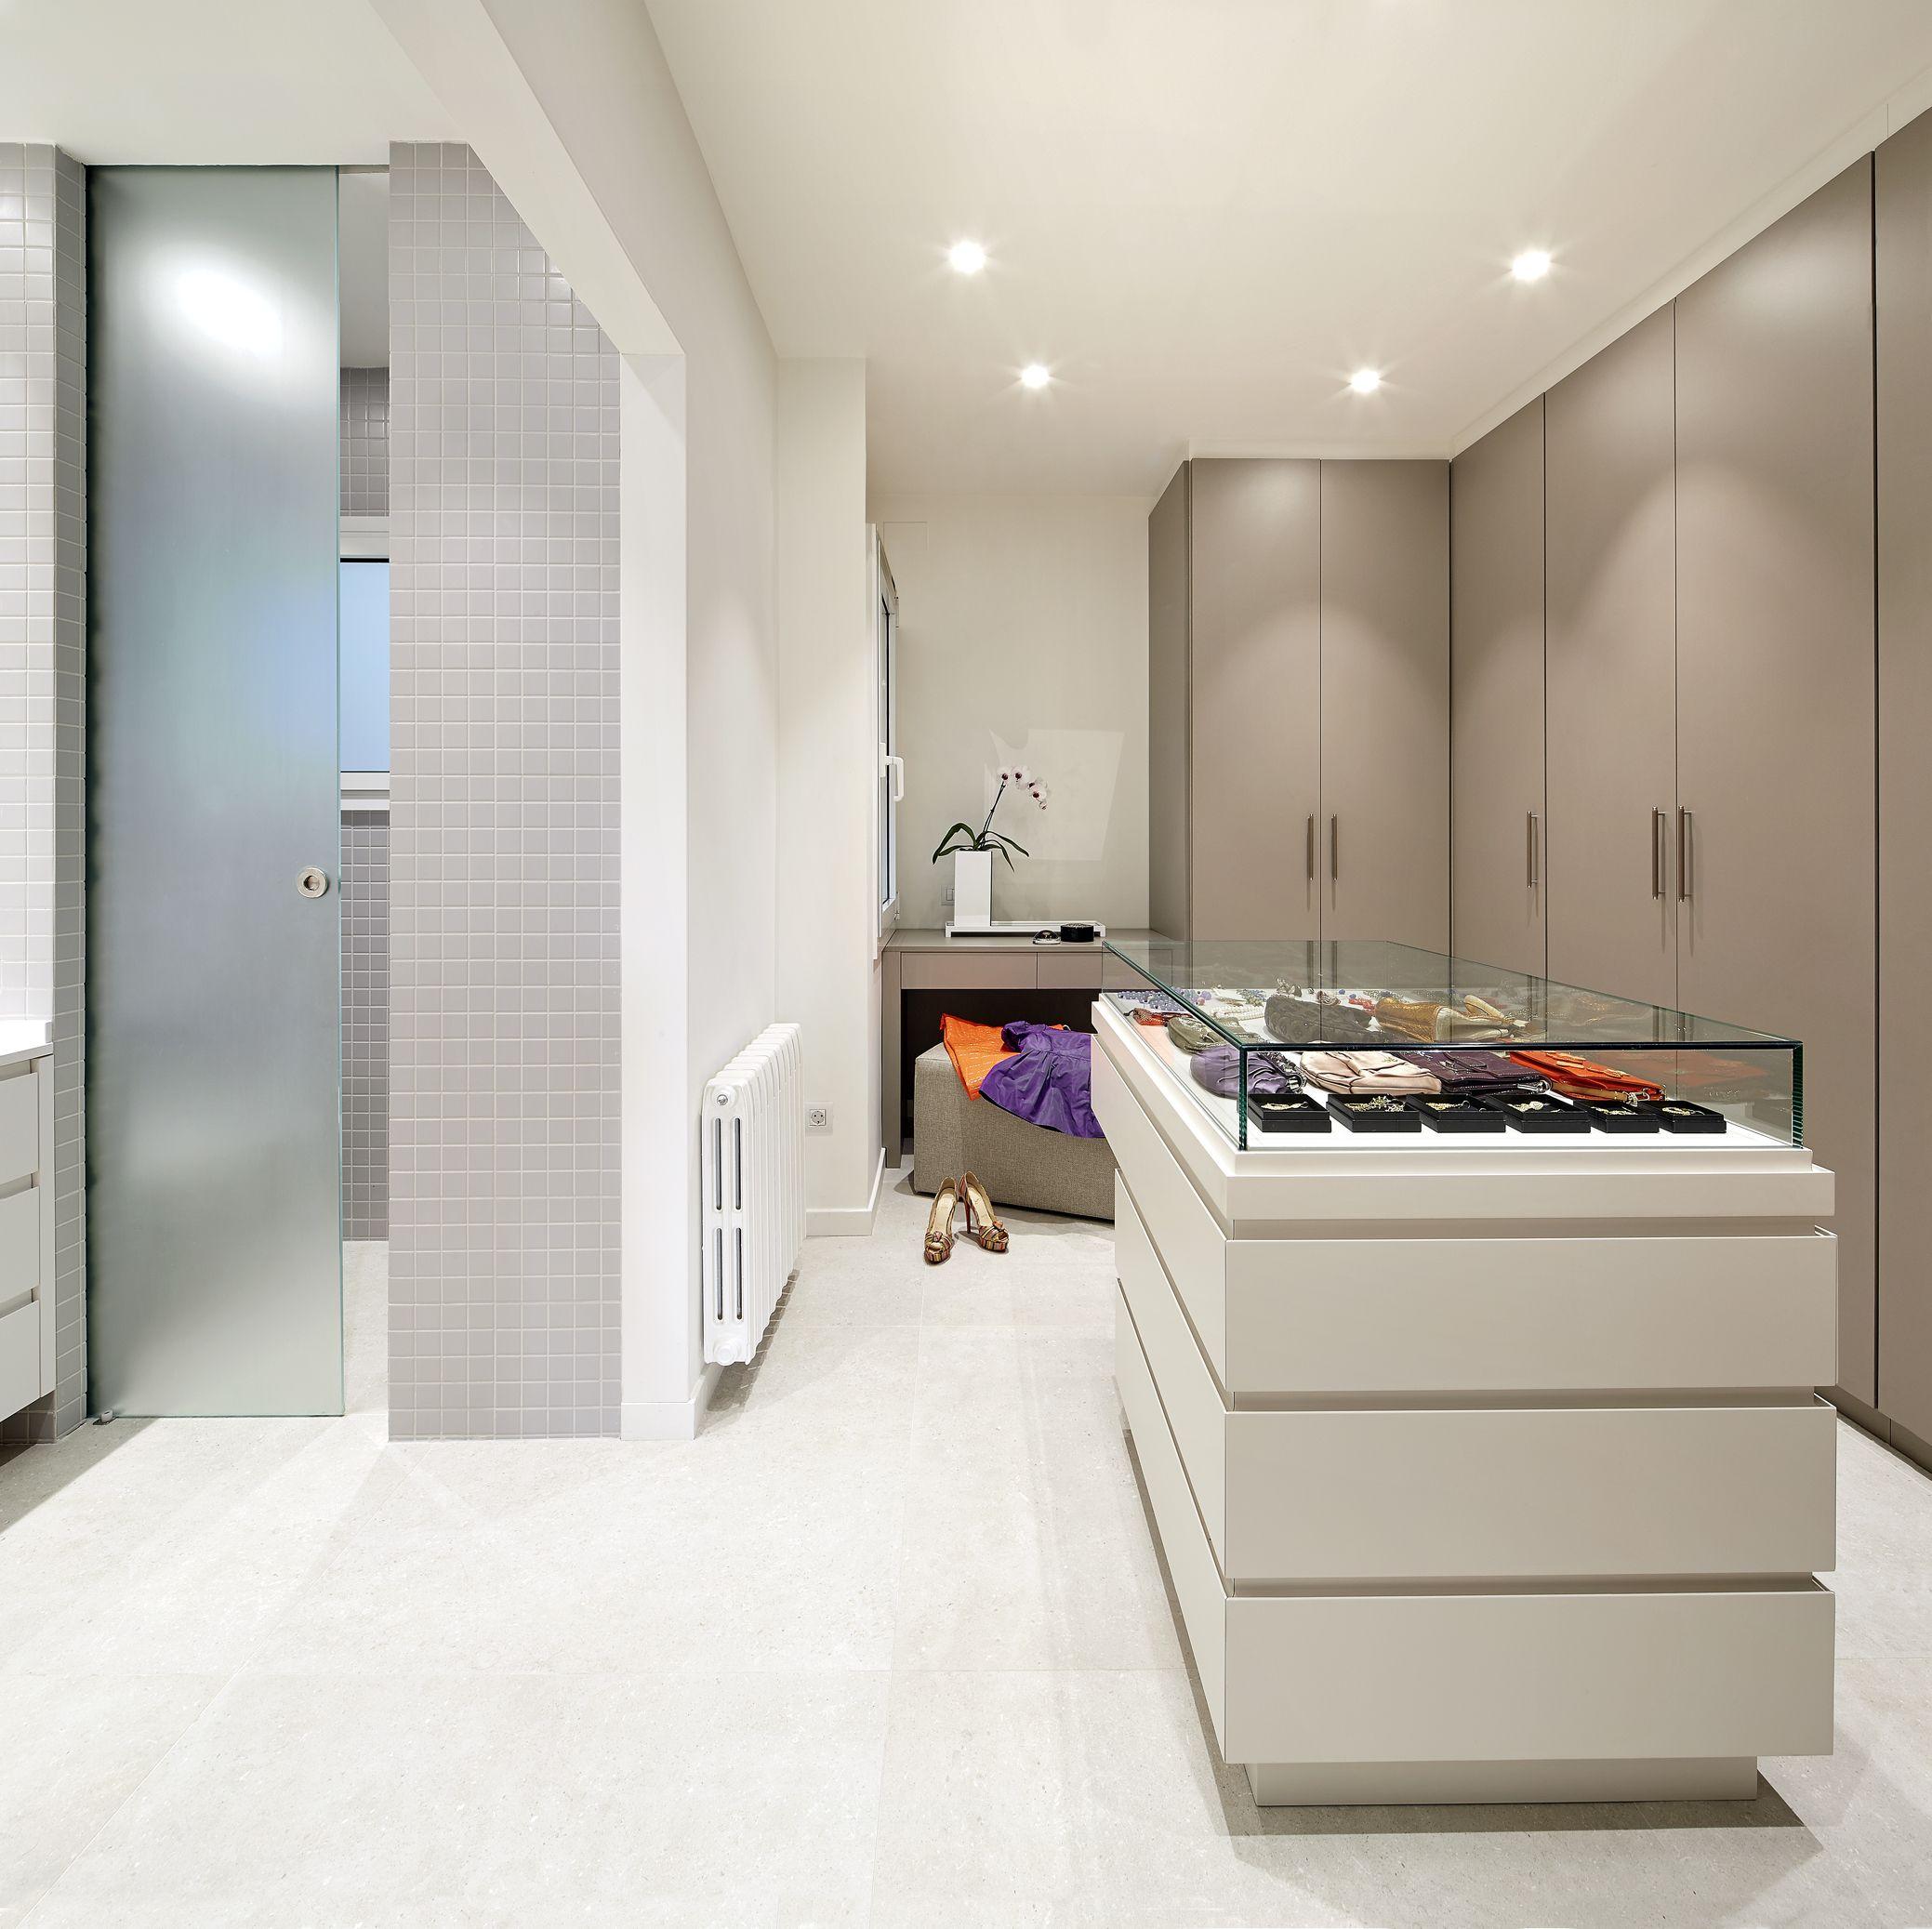 Molins Interiors Arquitectura Interior Interiorismo  # Budnik Muebles De Cocina